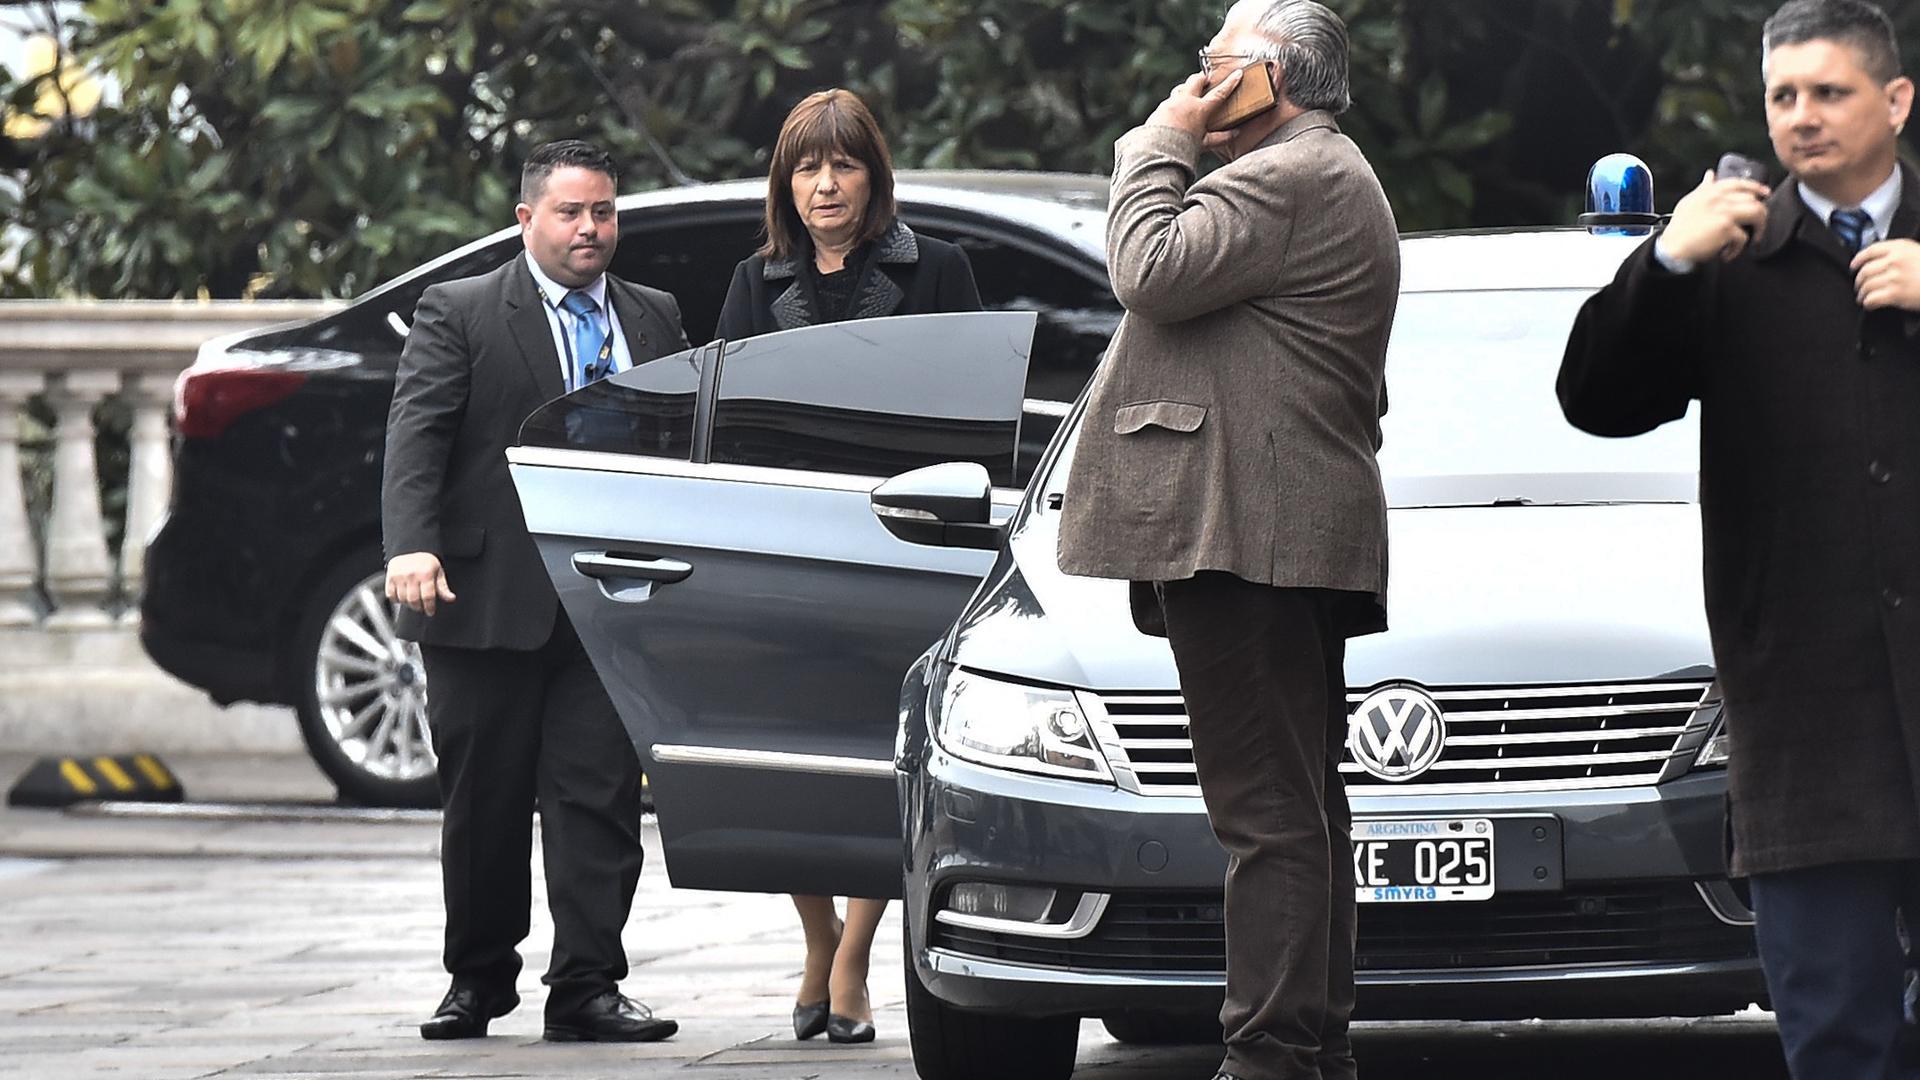 Patricia Bullrichse sostuvo al frente del Ministerio de Seguridad pese a que durante el fin de semana sedijo que pasaba a ser secretaria de Estado